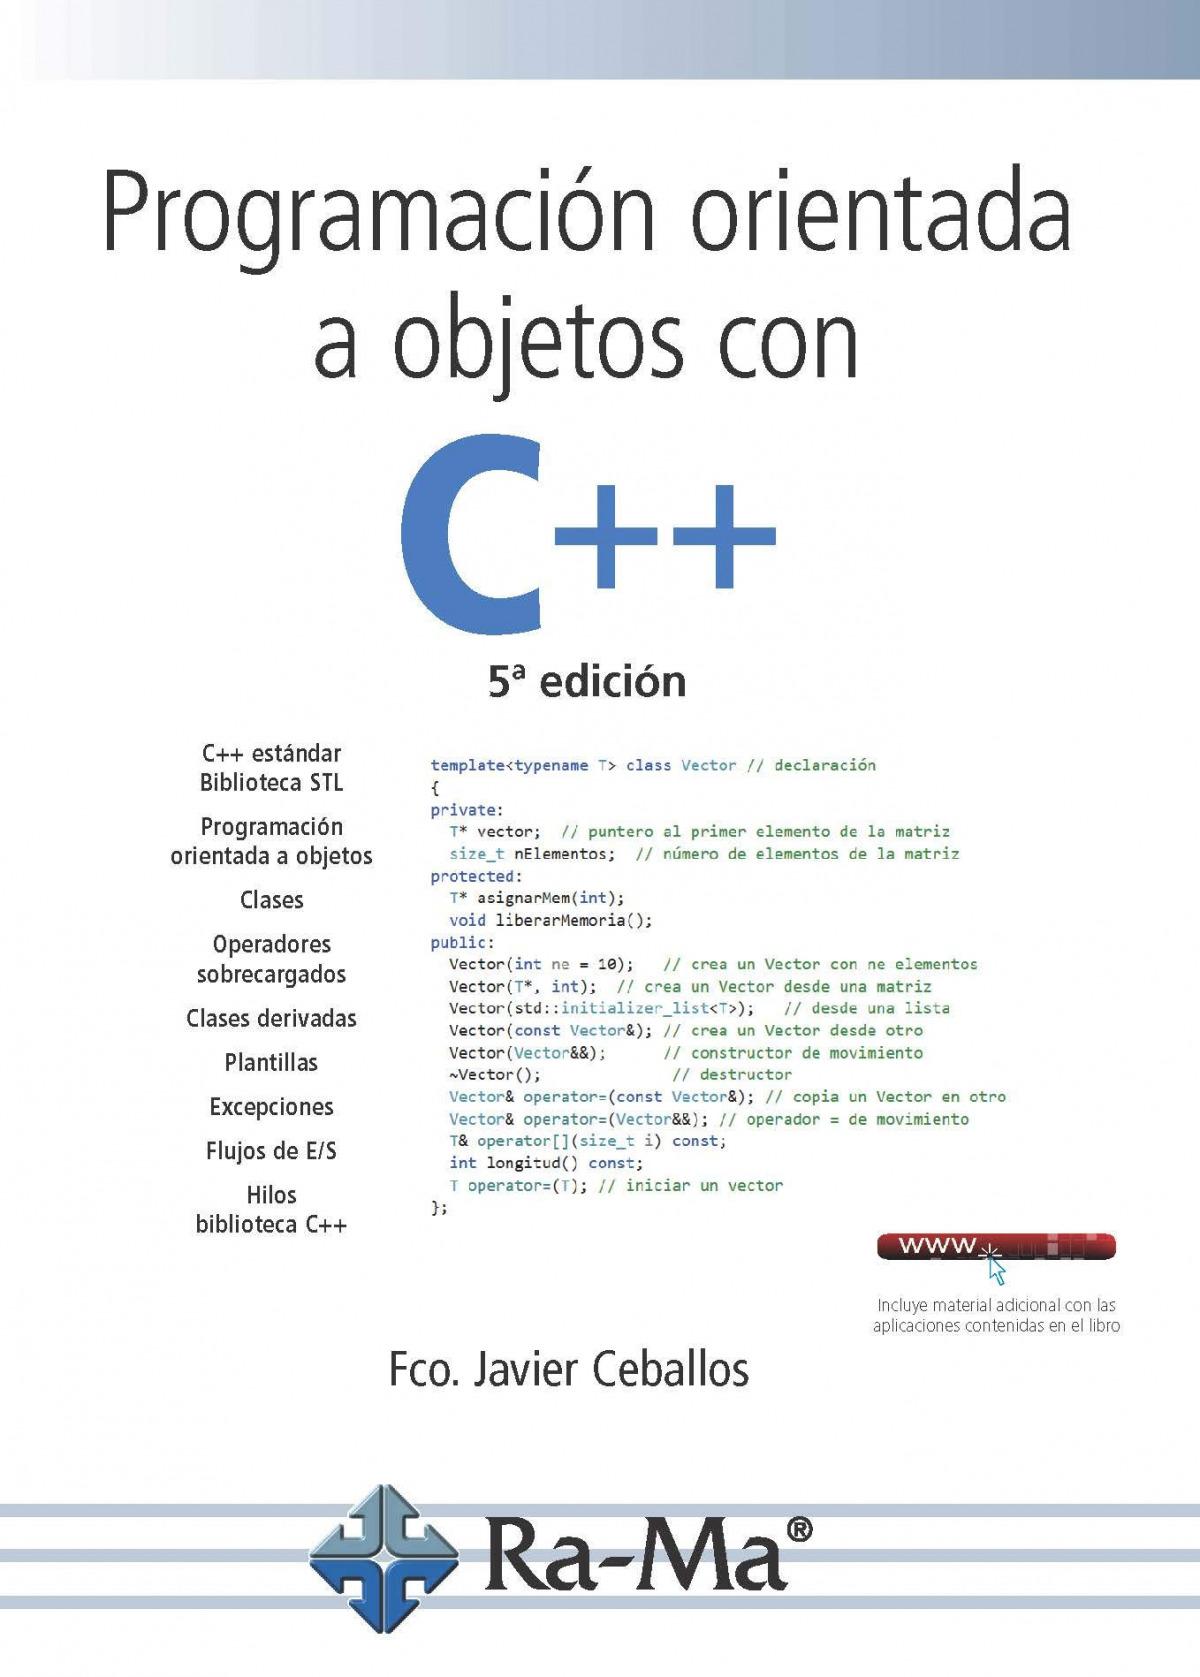 PROGRAMACIÓN ORIENTADA A OBJETOS CON C++ 9788499647548